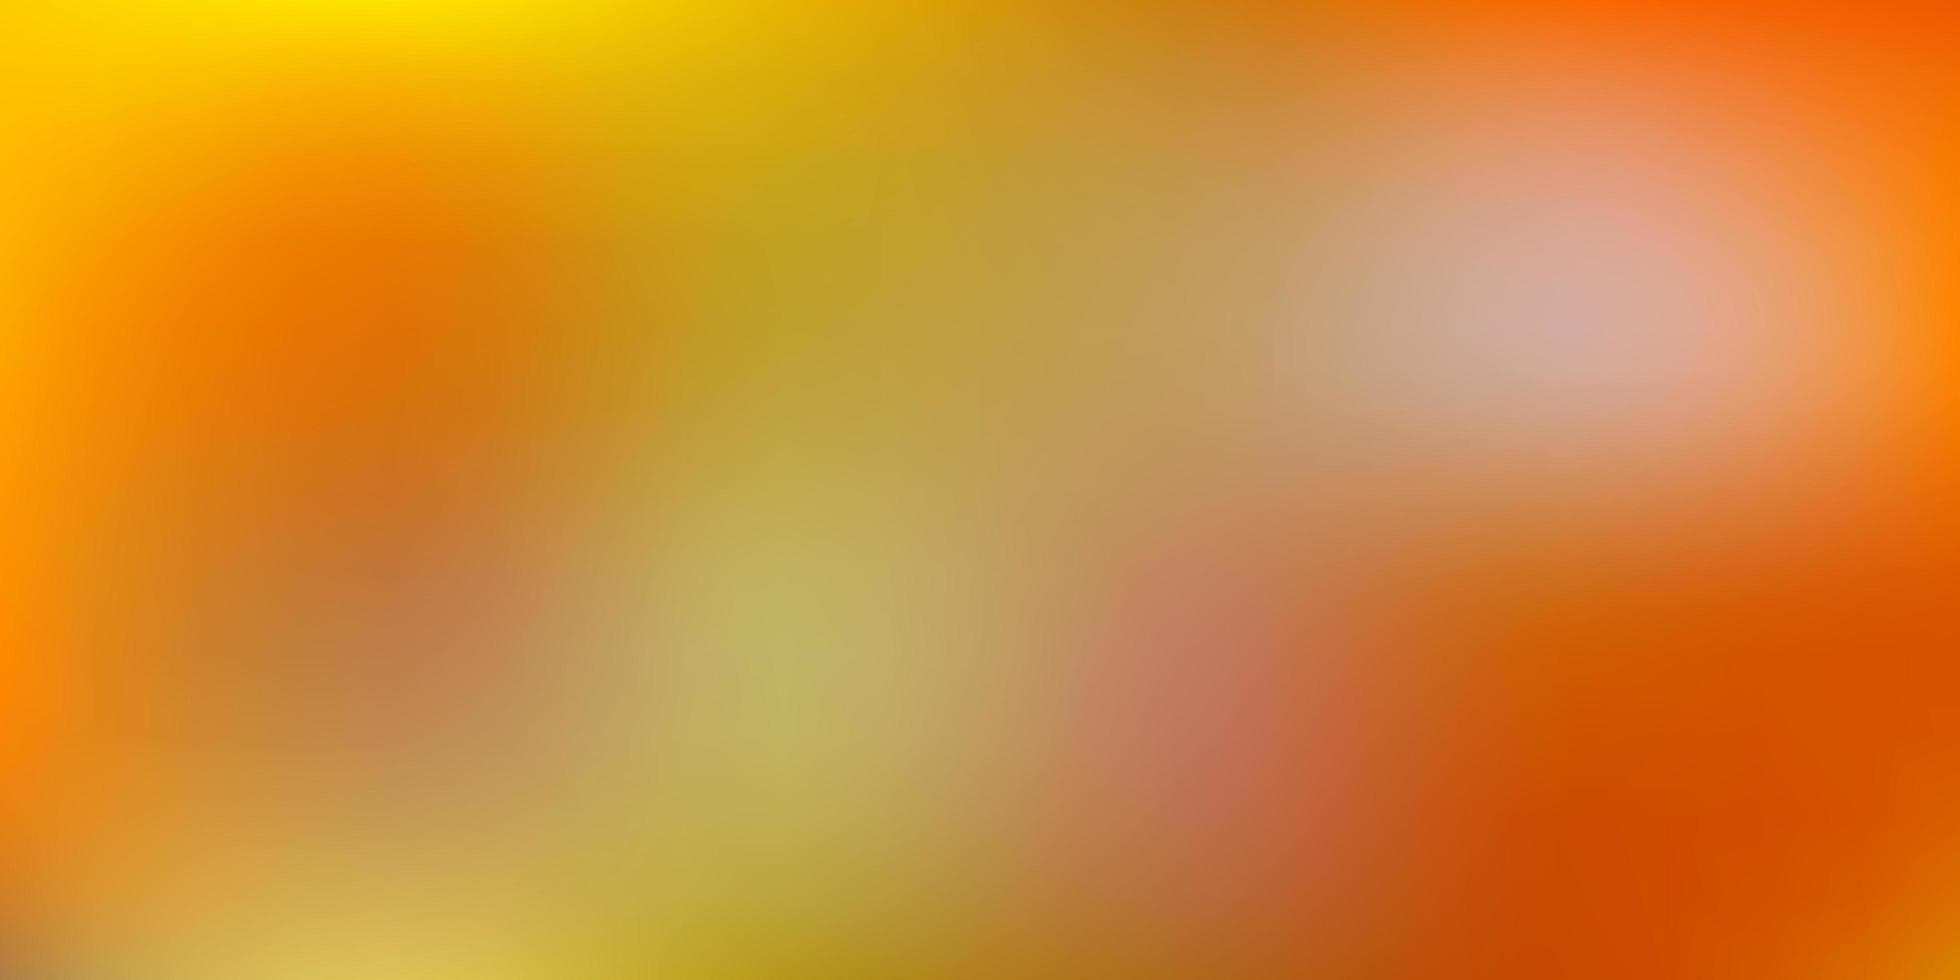 sfondo sfocato sfumato giallo scuro. vettore